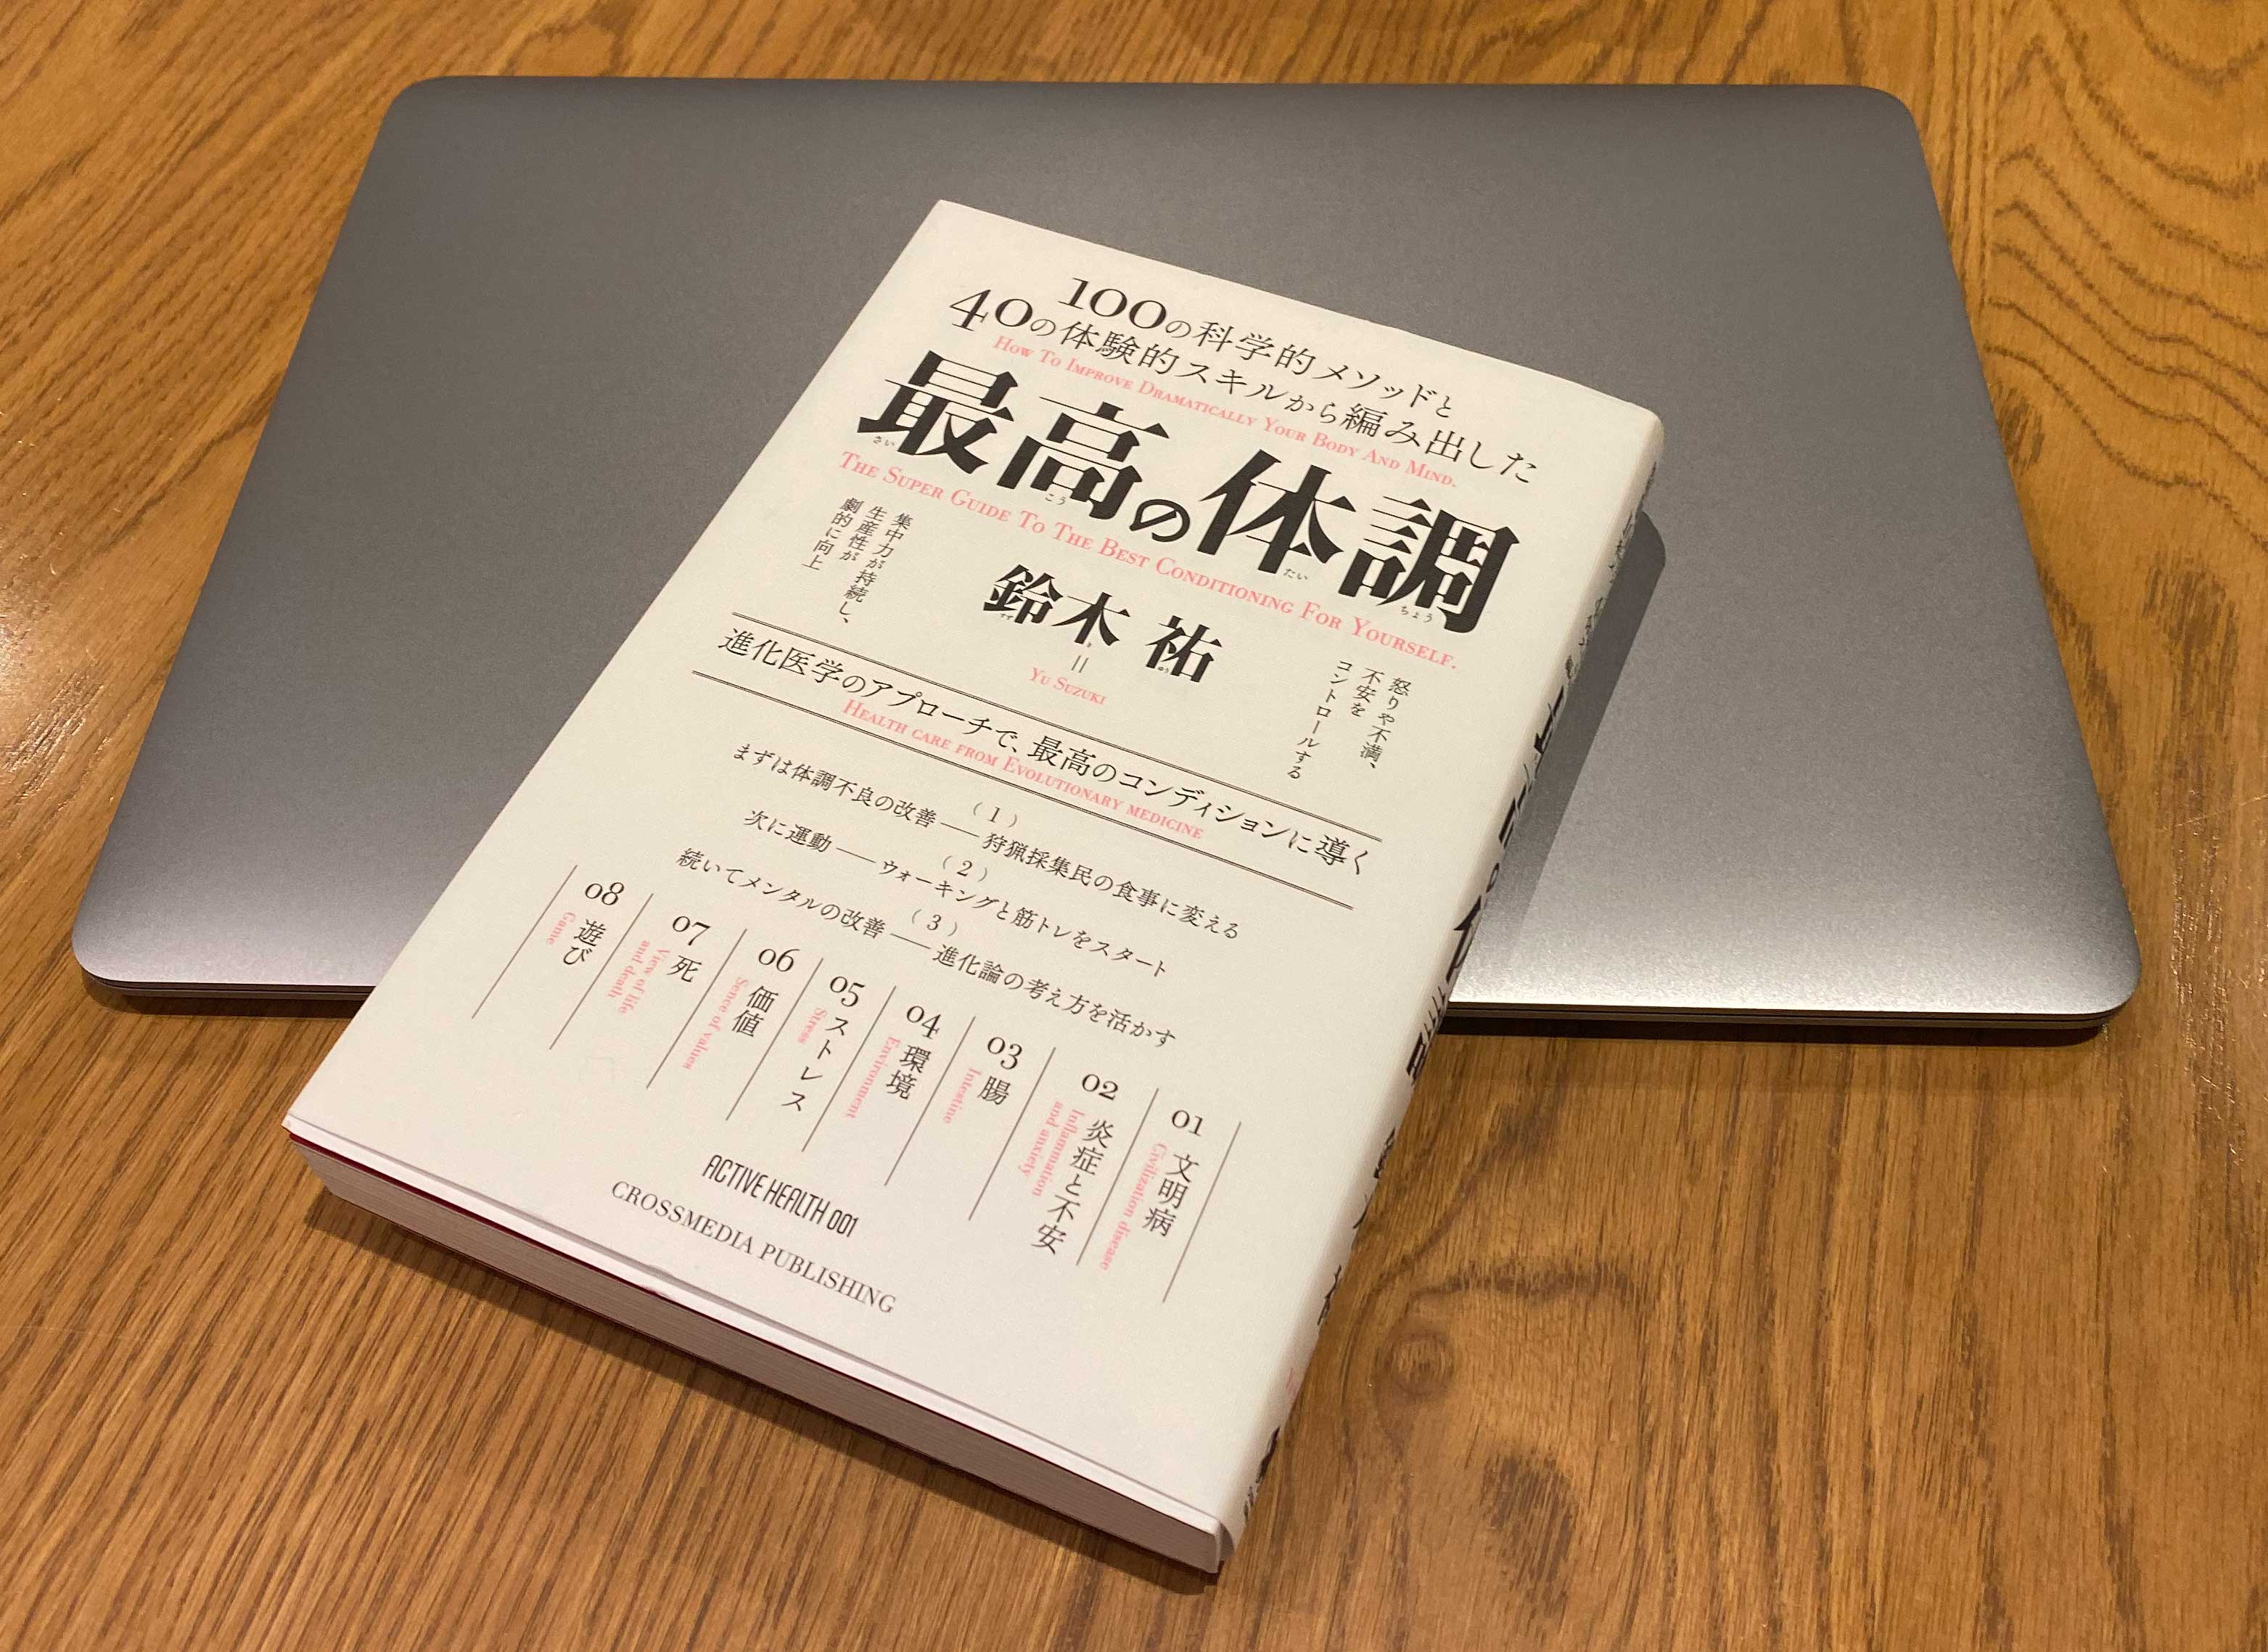 Saikouno-taichou-suzuki-yu-book-review